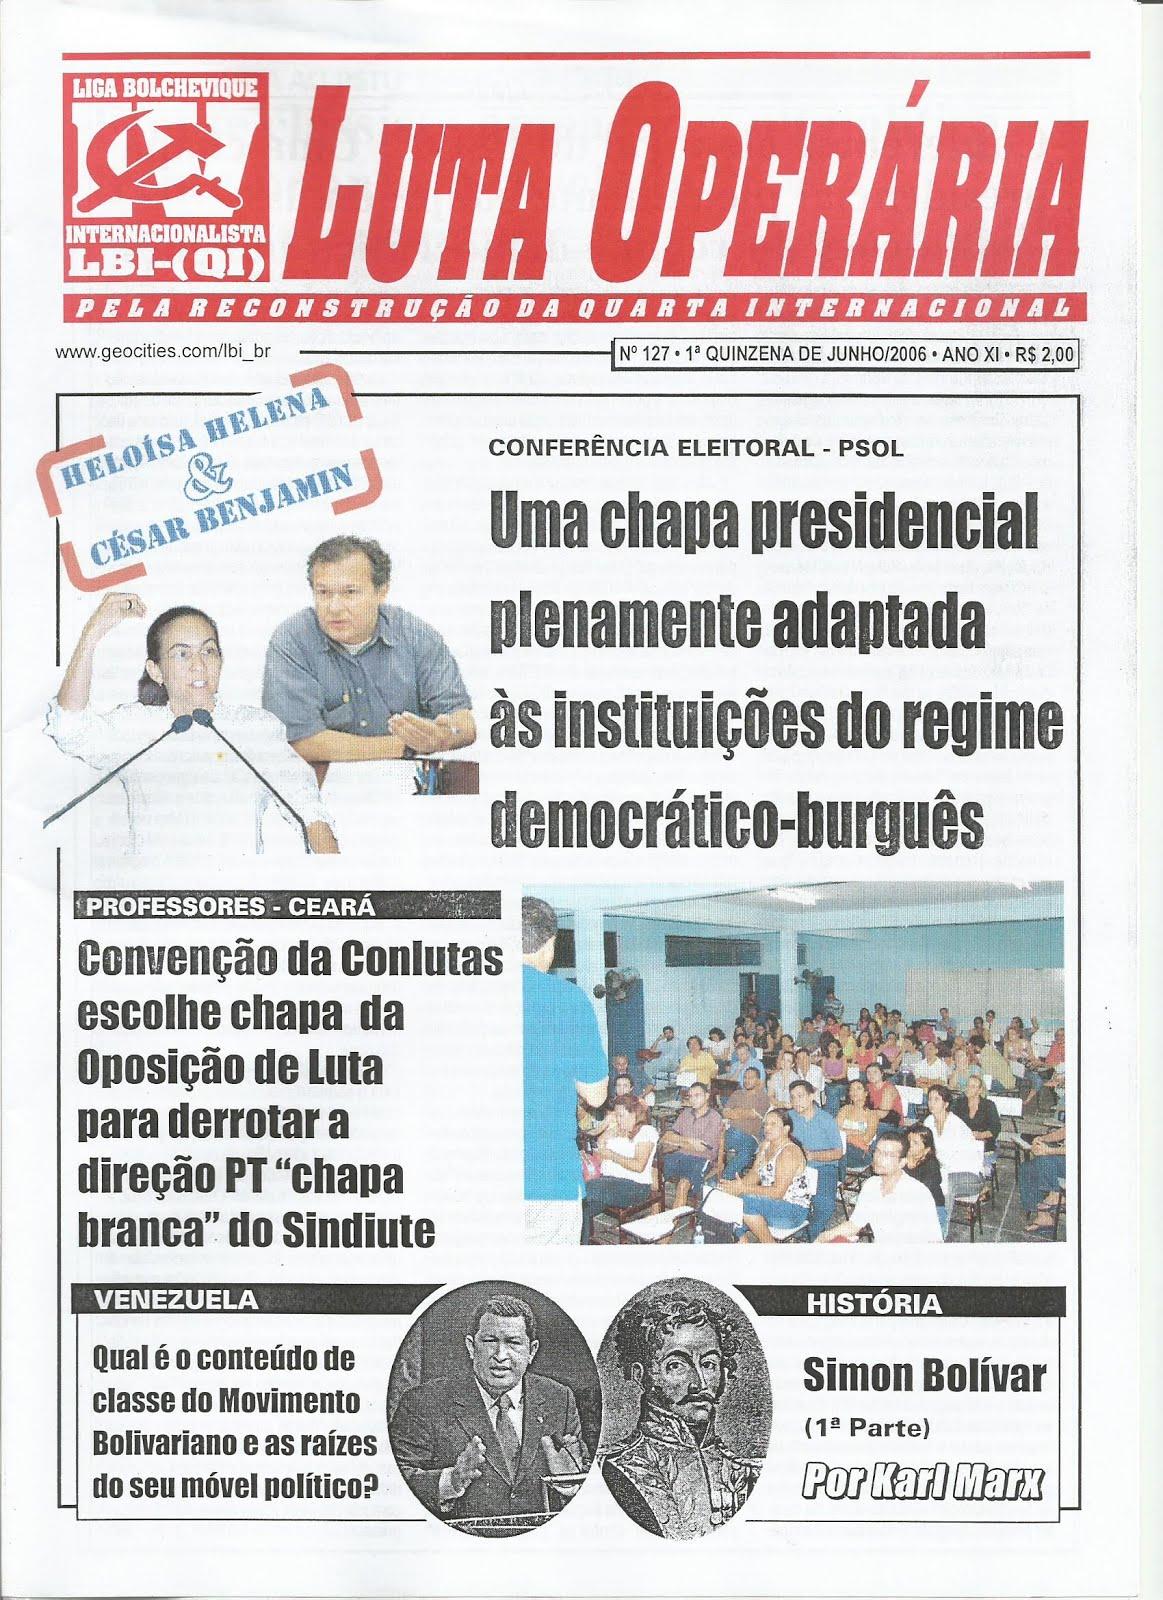 LEIA A EDIÇÃO DO JORNAL LUTA OPERÁRIA Nº 127, 1ª QUINZ. DE JUNHO/2006